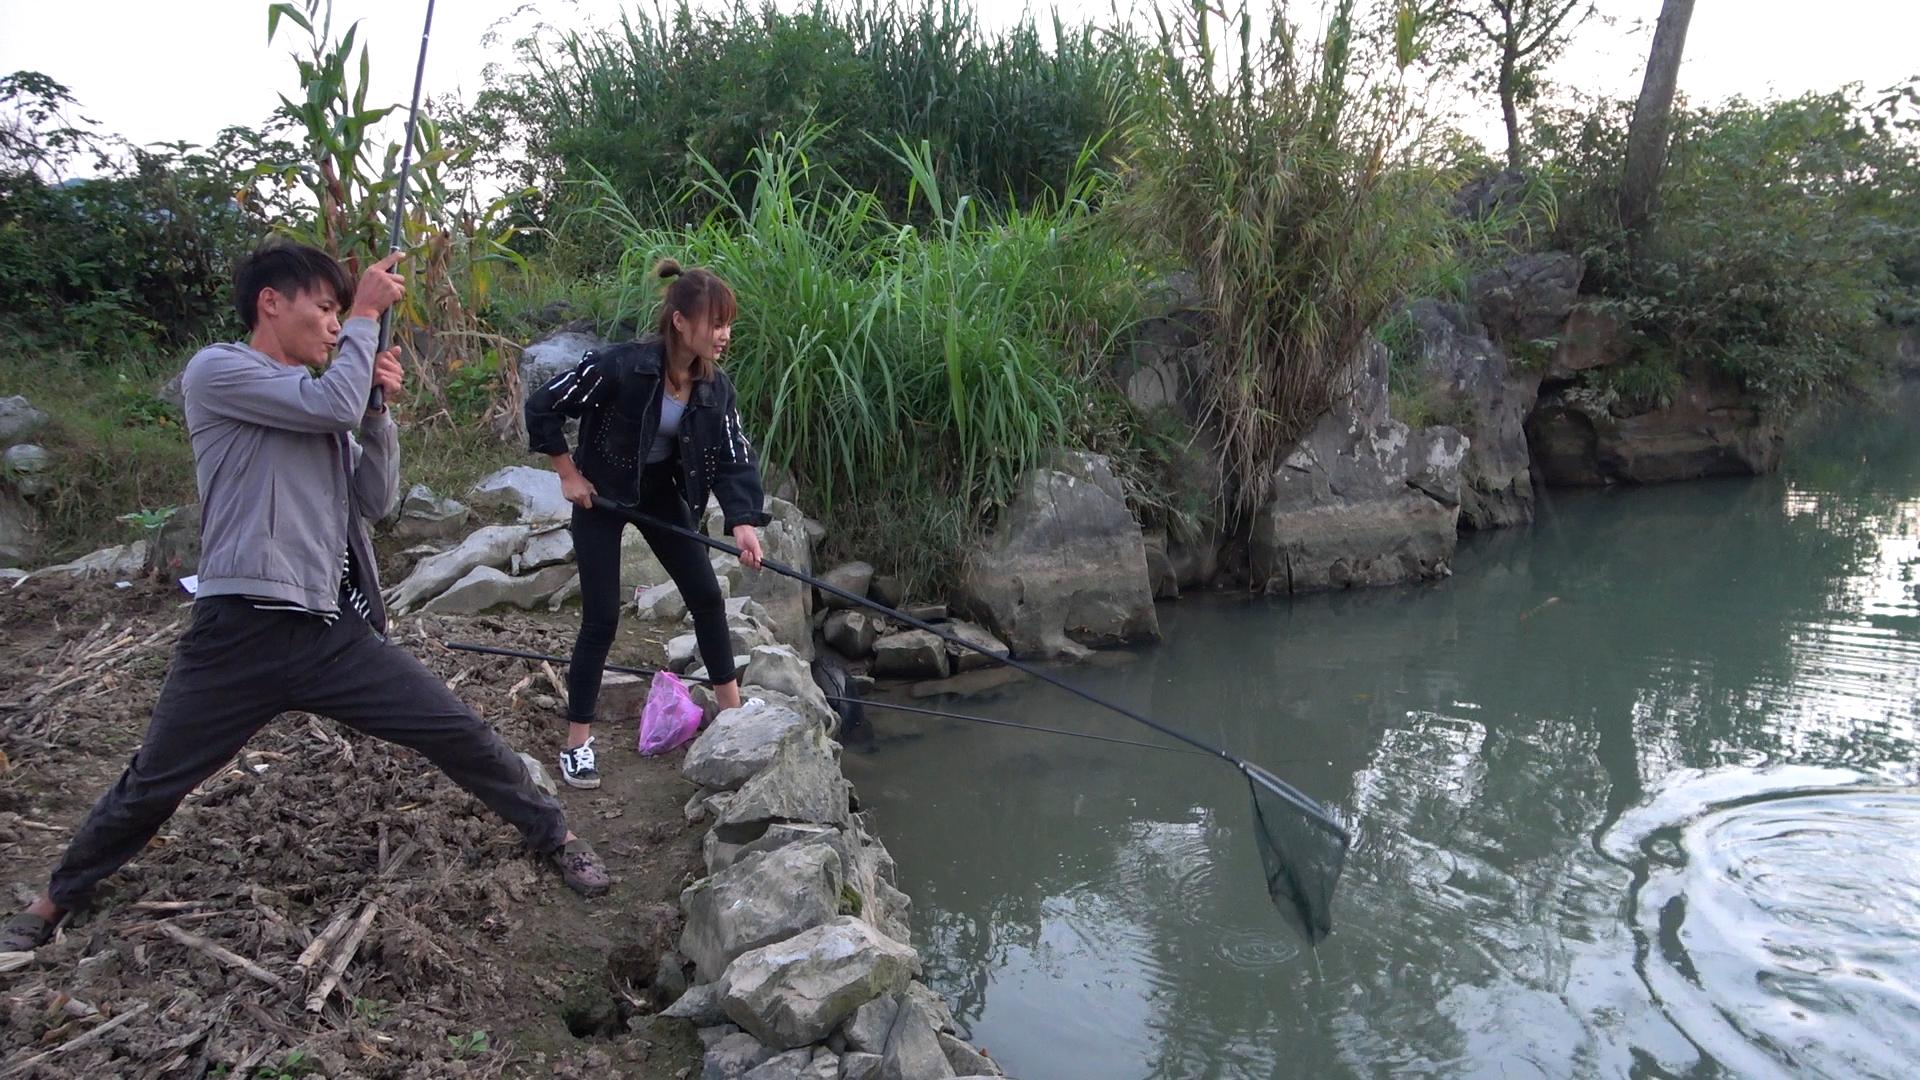 小明干完农活和小丫河边野钓,平静的水面下真藏货,两人开心了